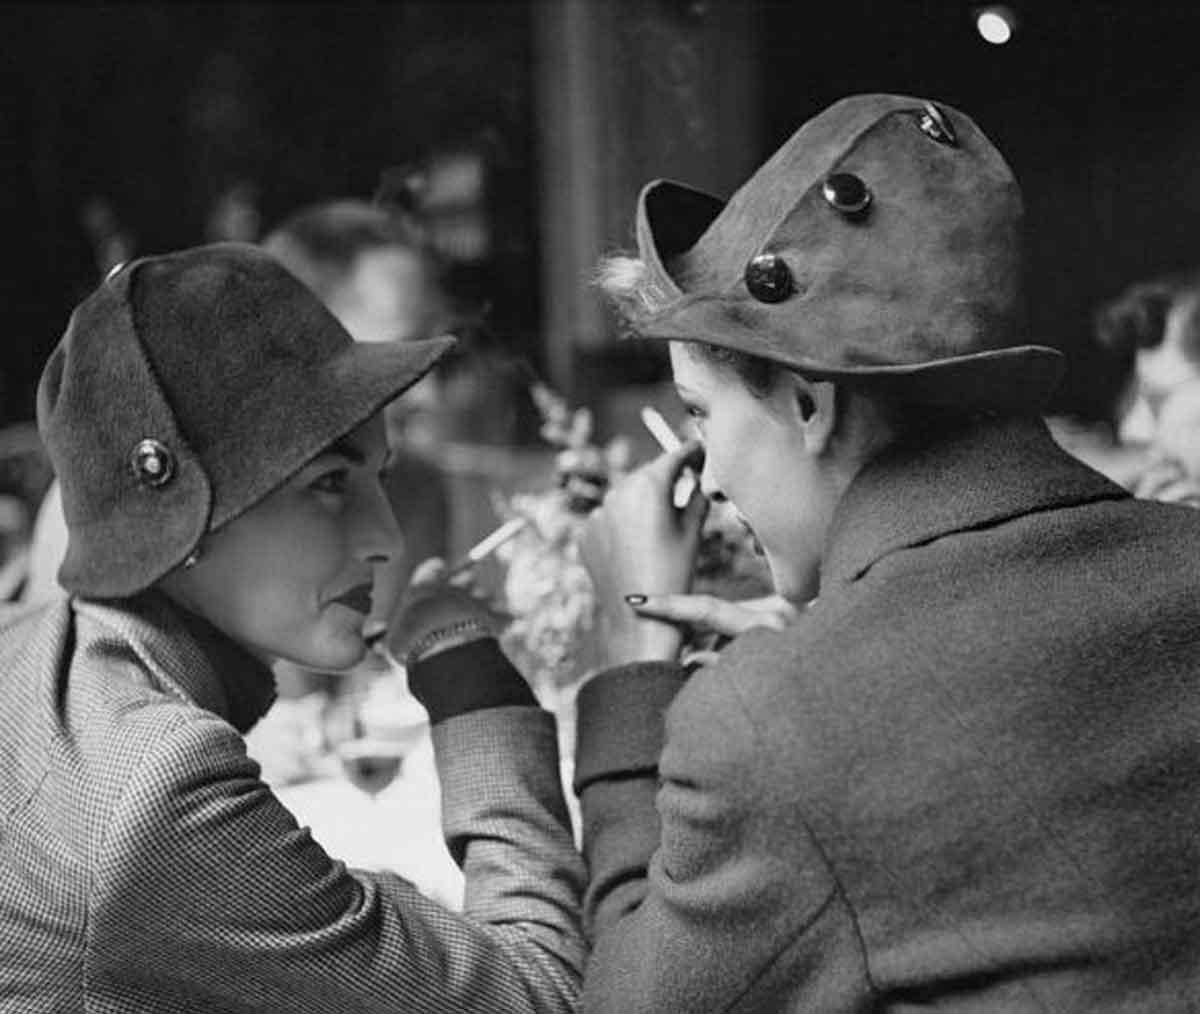 1948-Cafe-Flore,-Paris-Photograph-by-Richard-Avedon